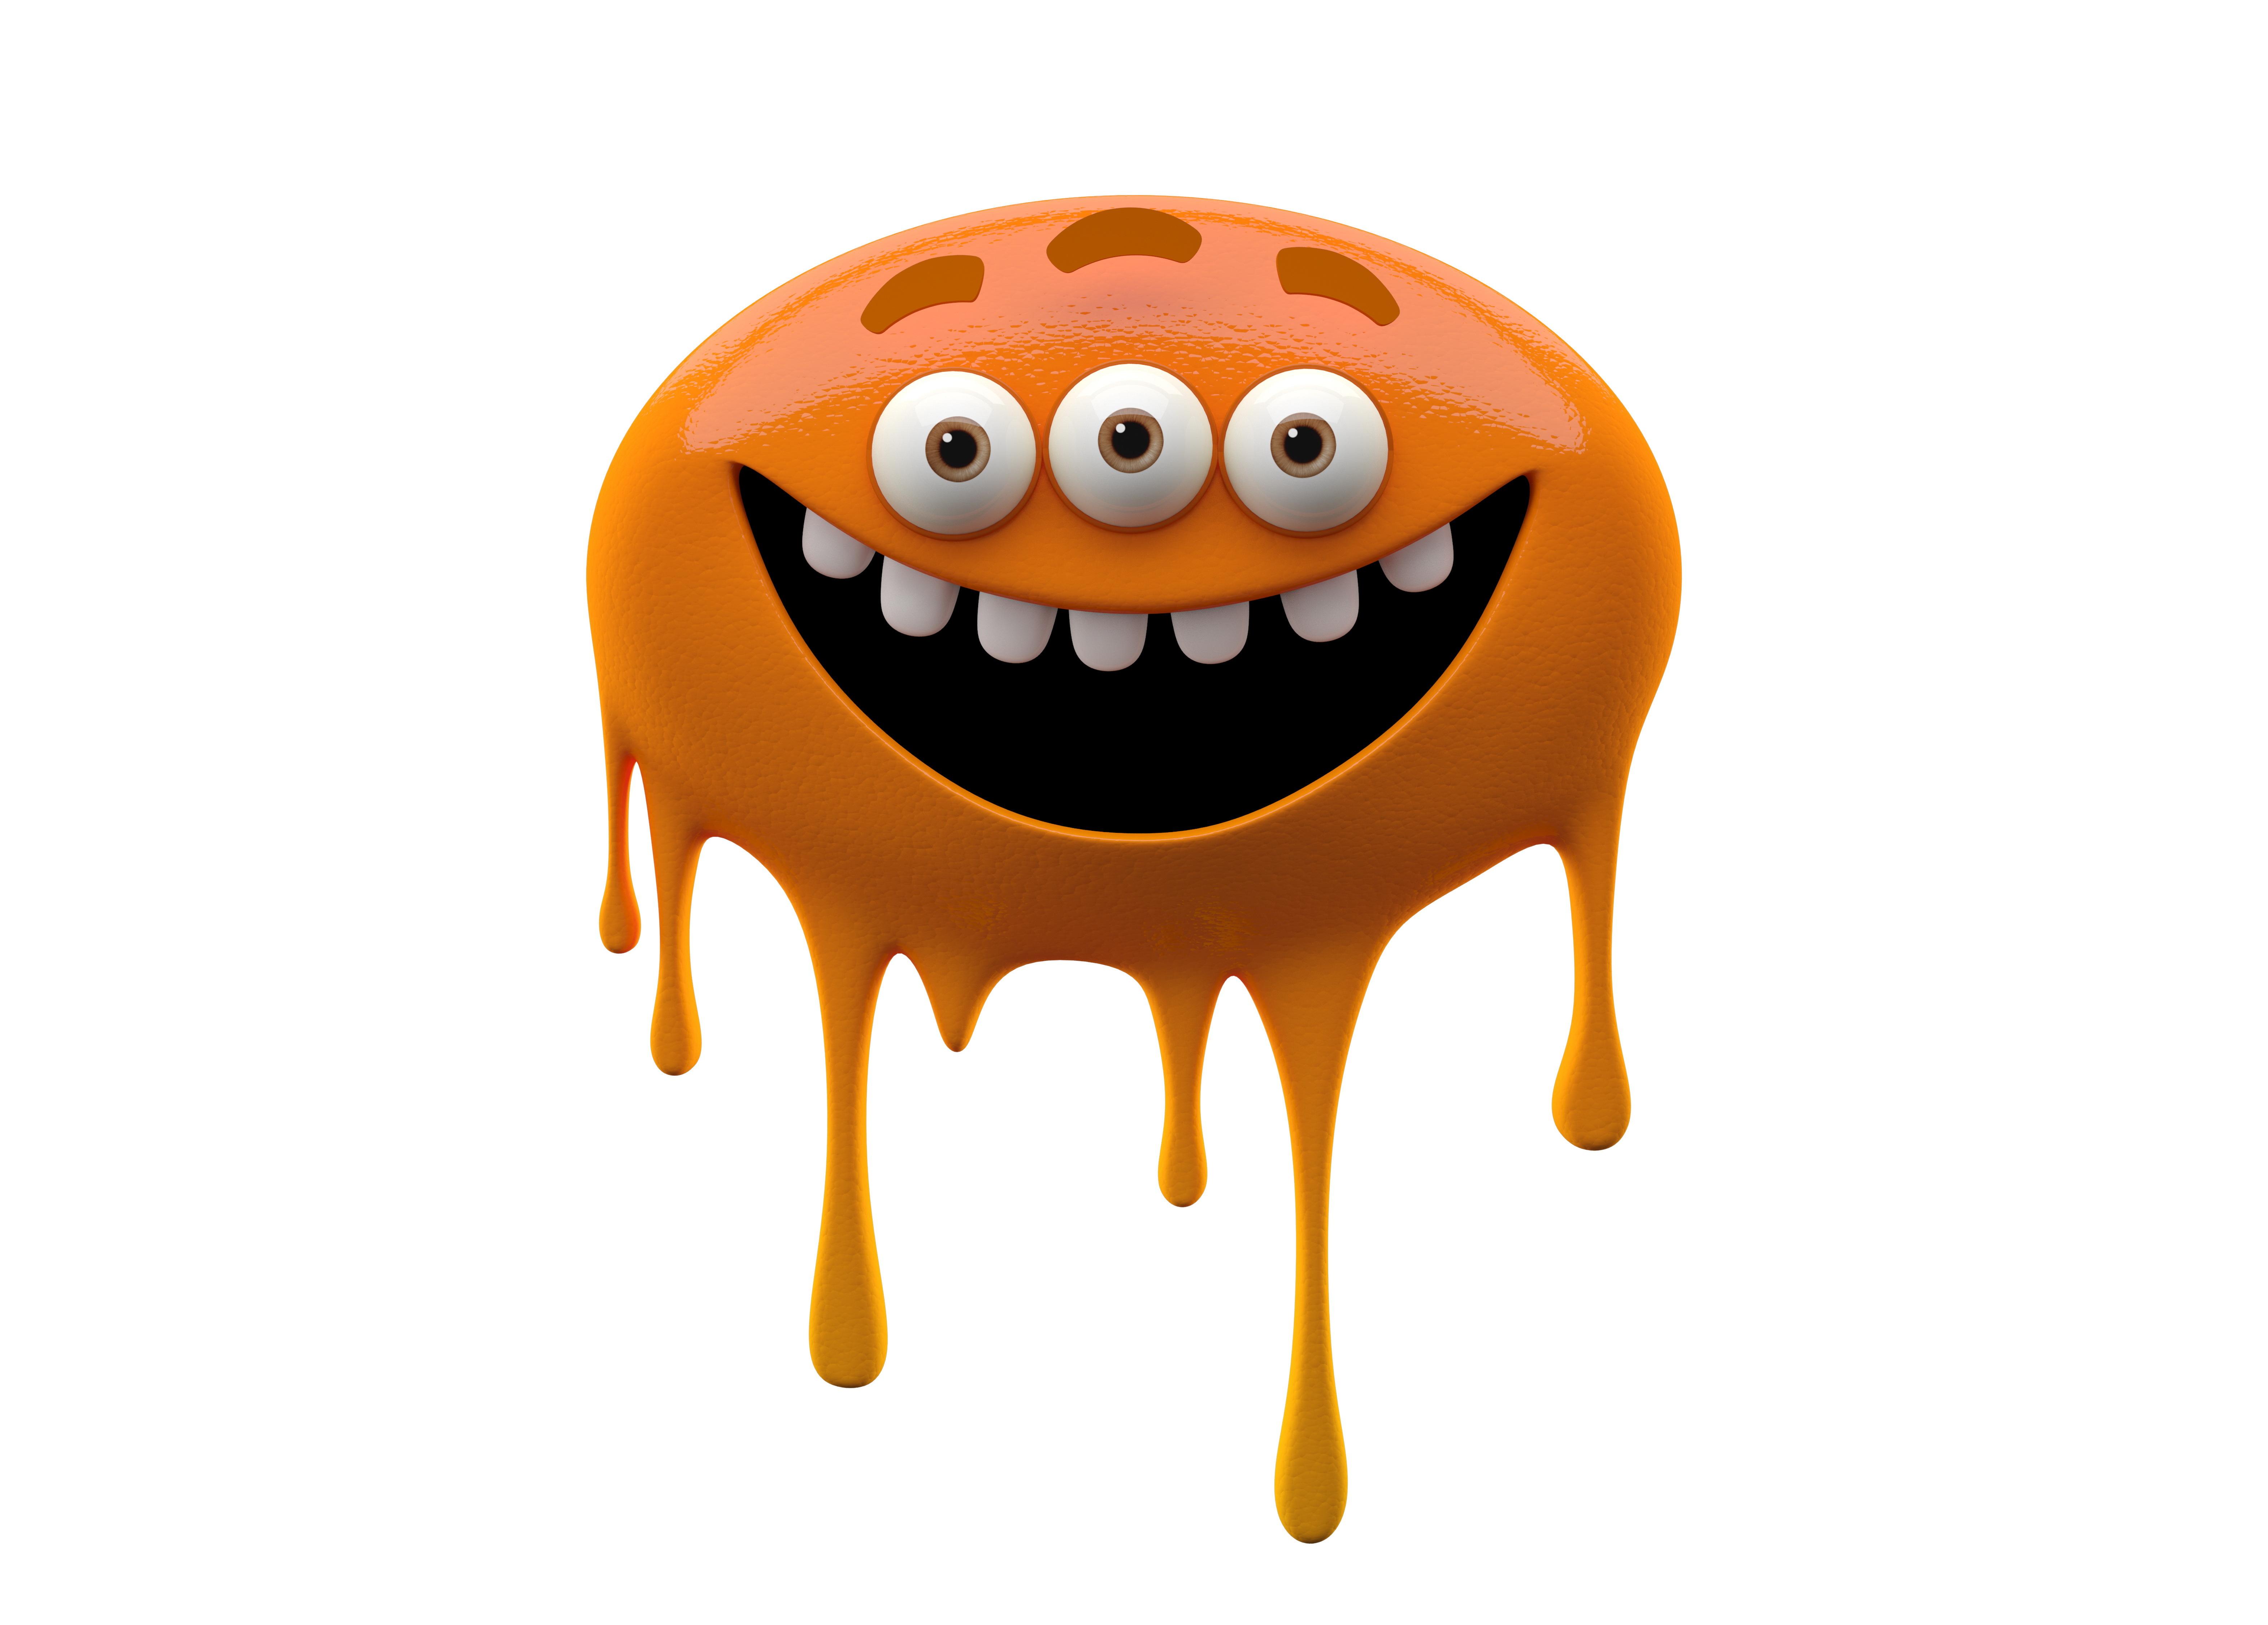 оранжевый монстр графика бесплатно